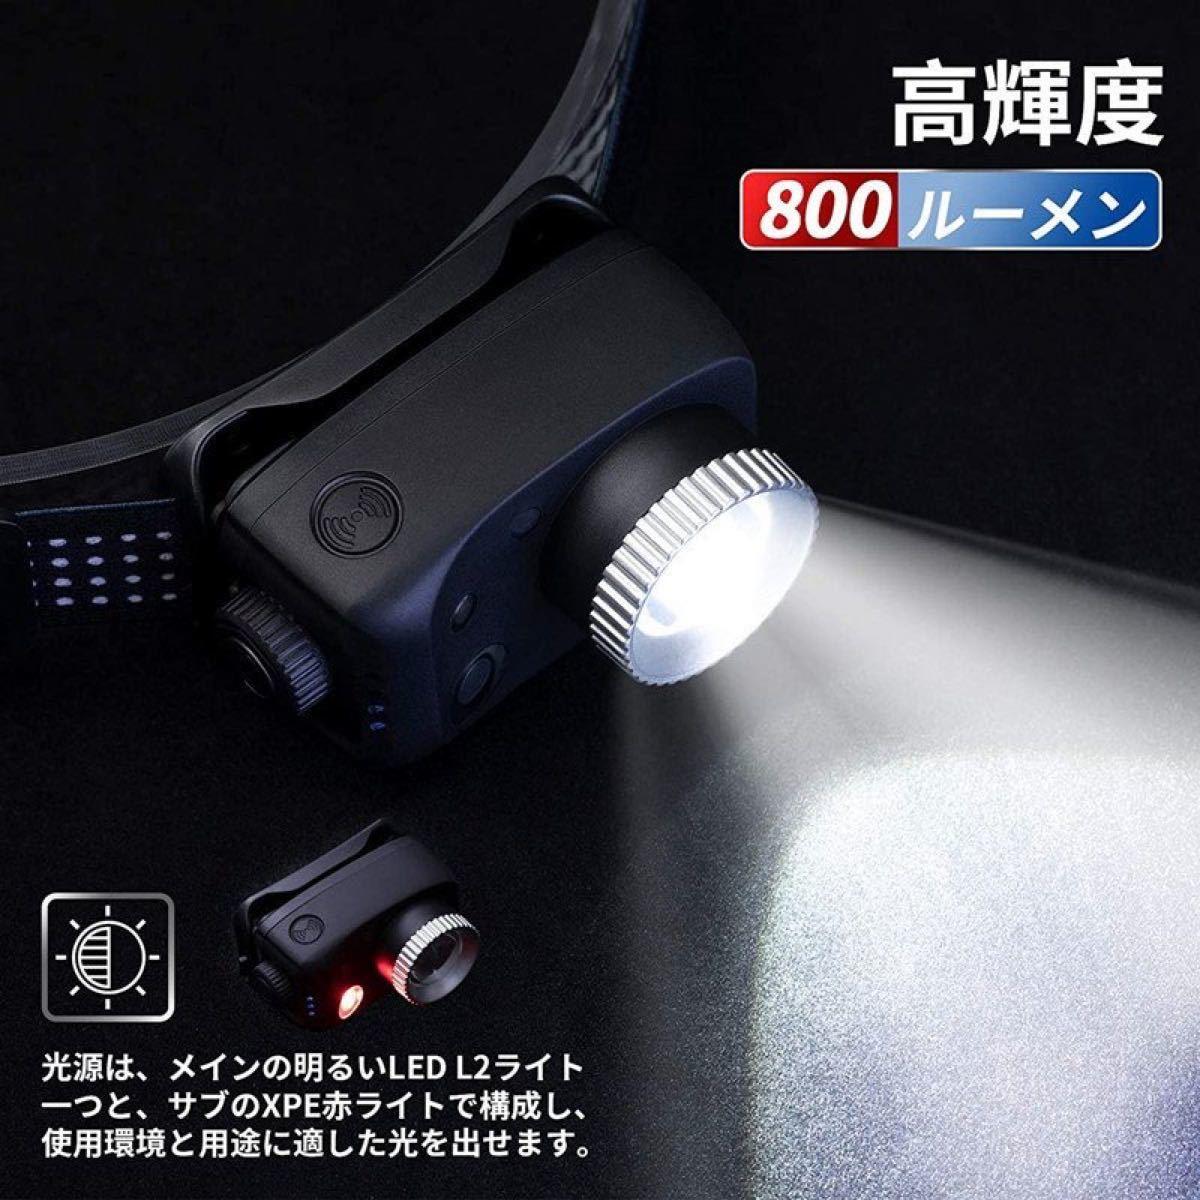 ヘッドライト LEDヘッドランプ led ヘッド ライト 充電式 強力発光 明るい 作業用 軽量 キャンプ 登山 アウトドア